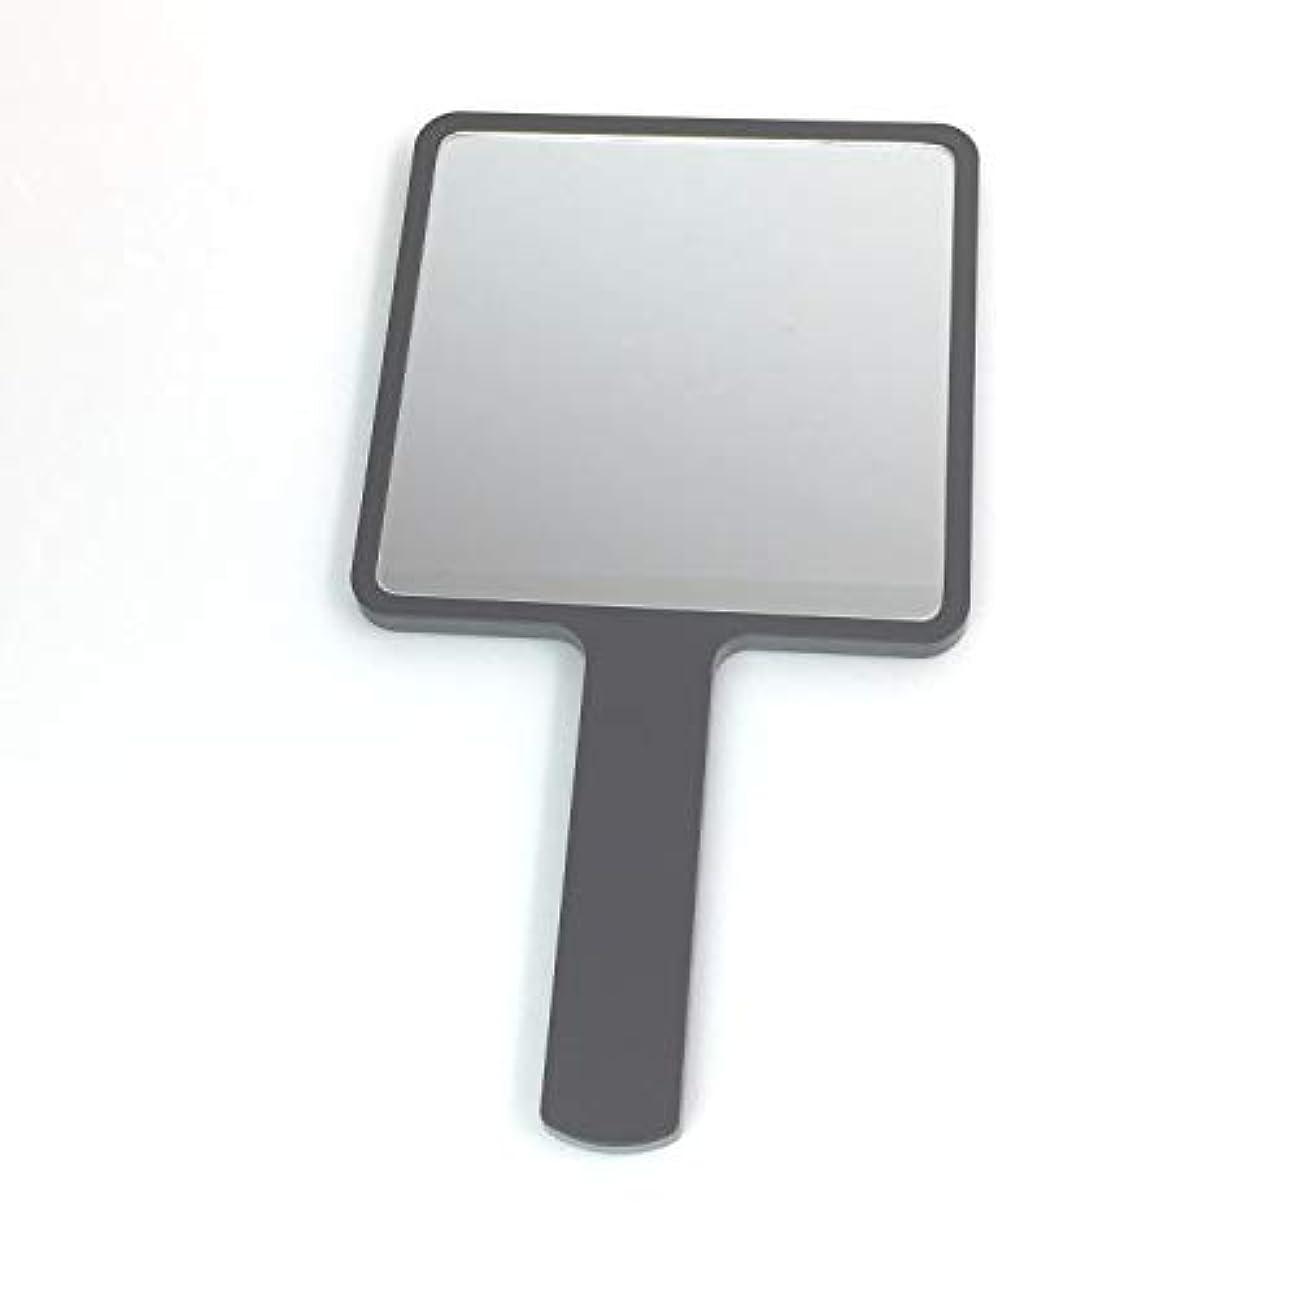 バンドルロッカー半径3CE ハンドミラー M ブラック 1個 (並行輸入品) [並行輸入品]